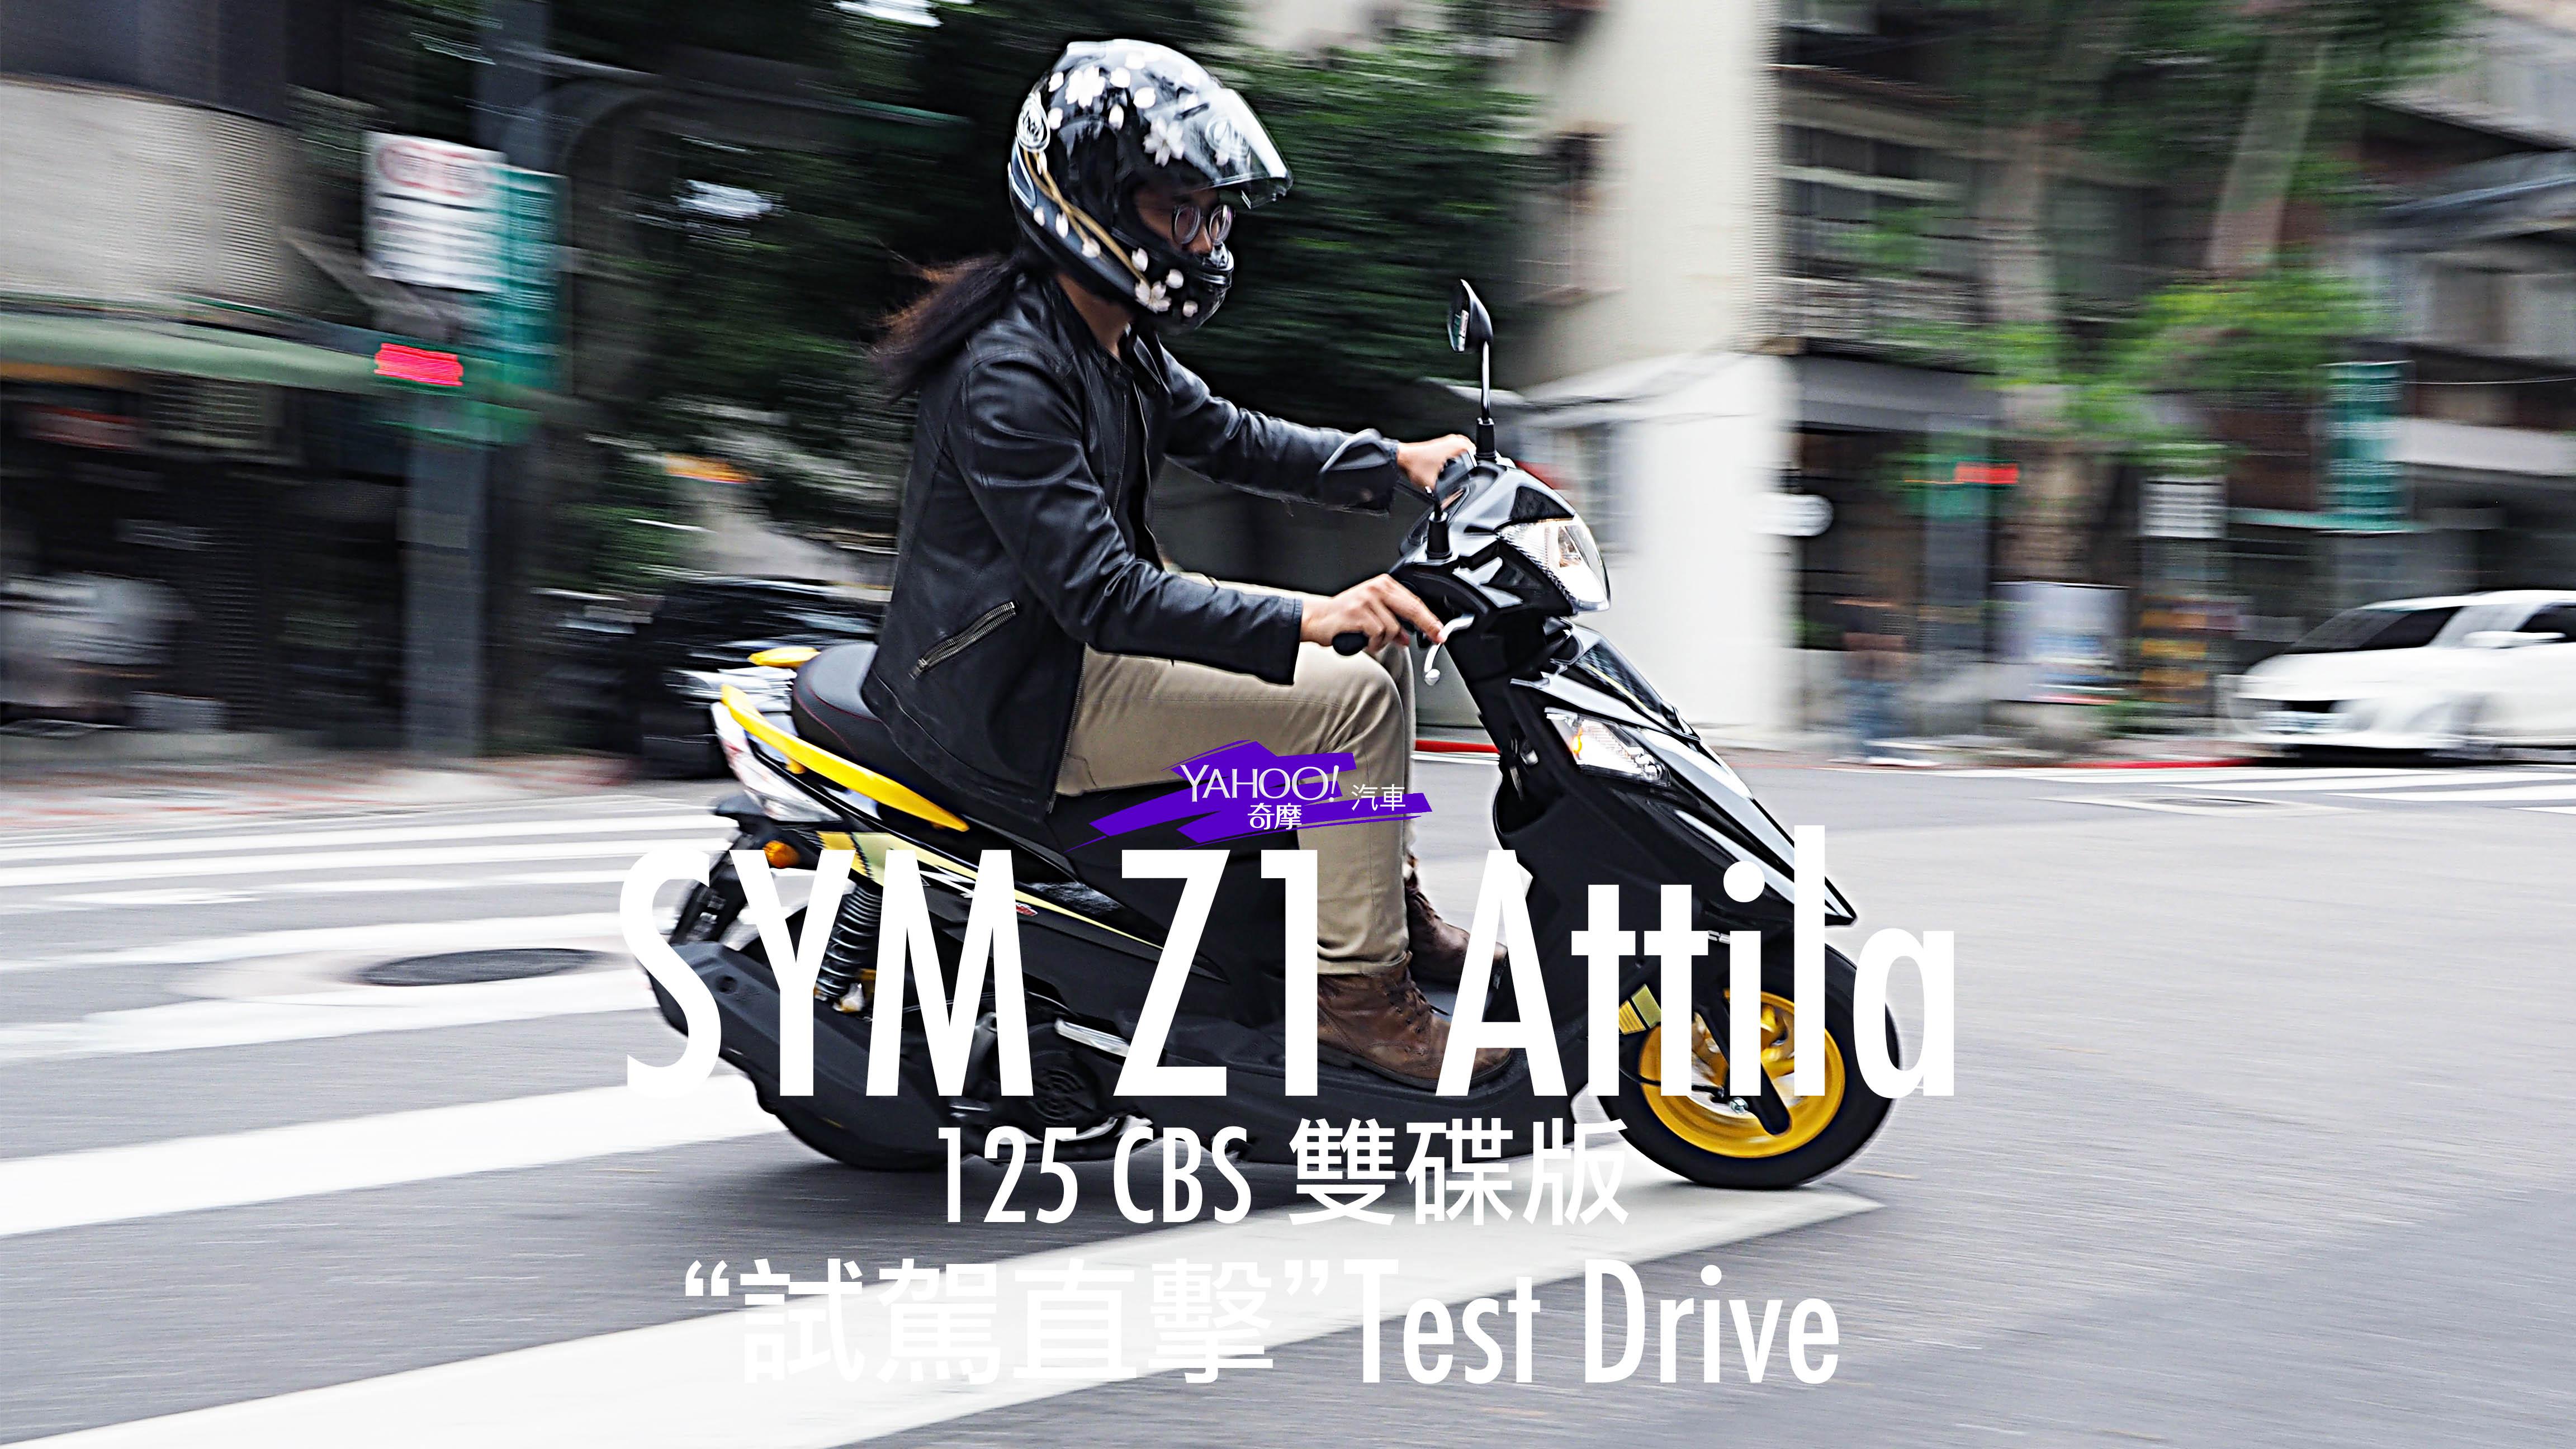 【試駕直擊】刺拳凌厲的輕量級拳王!SYM Z1 Attila 125 CBS雙碟都會試駕